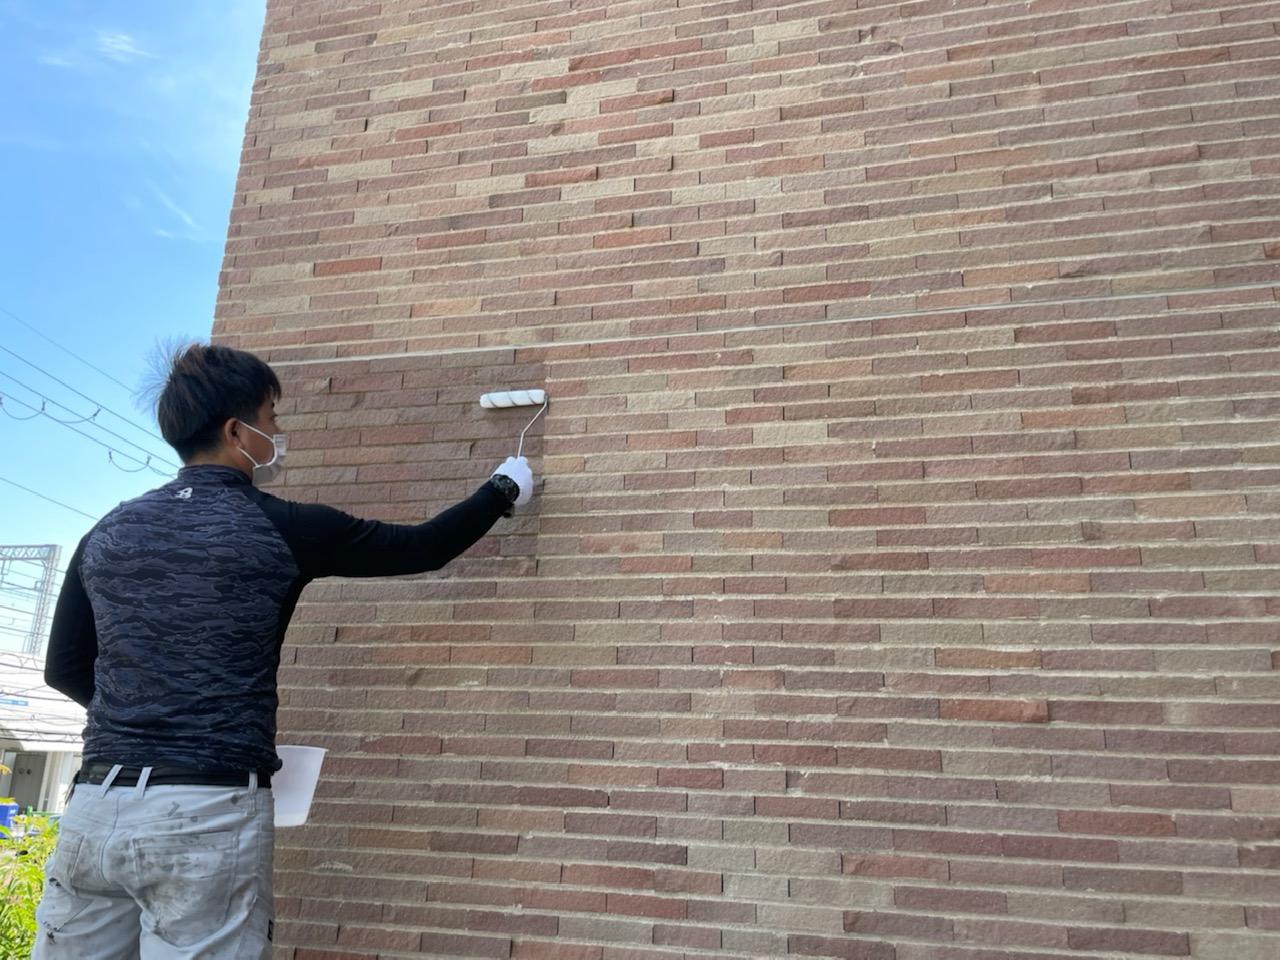 雨漏れ対策にタイル壁を撥水塗装